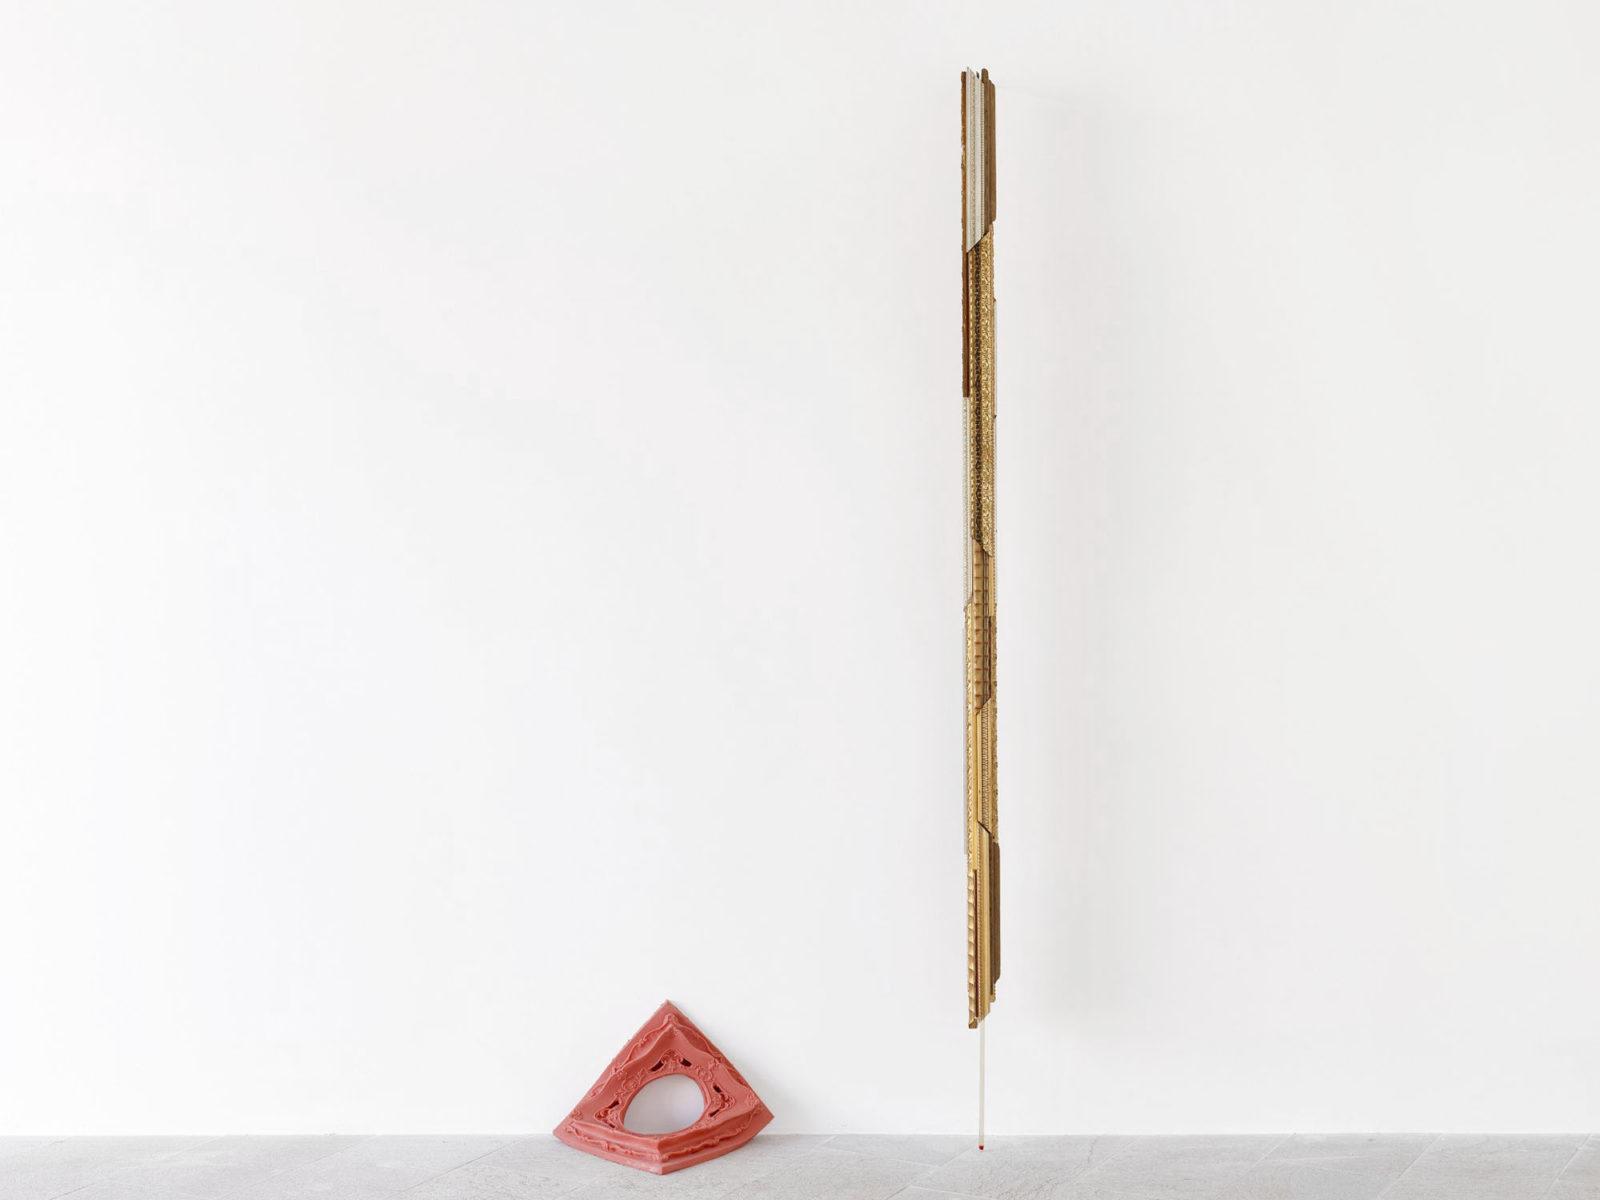 Penzo+Fiore, Penzo+Fiore, IlQuartoStato, Exhibition view, ph. G. Cecchinato